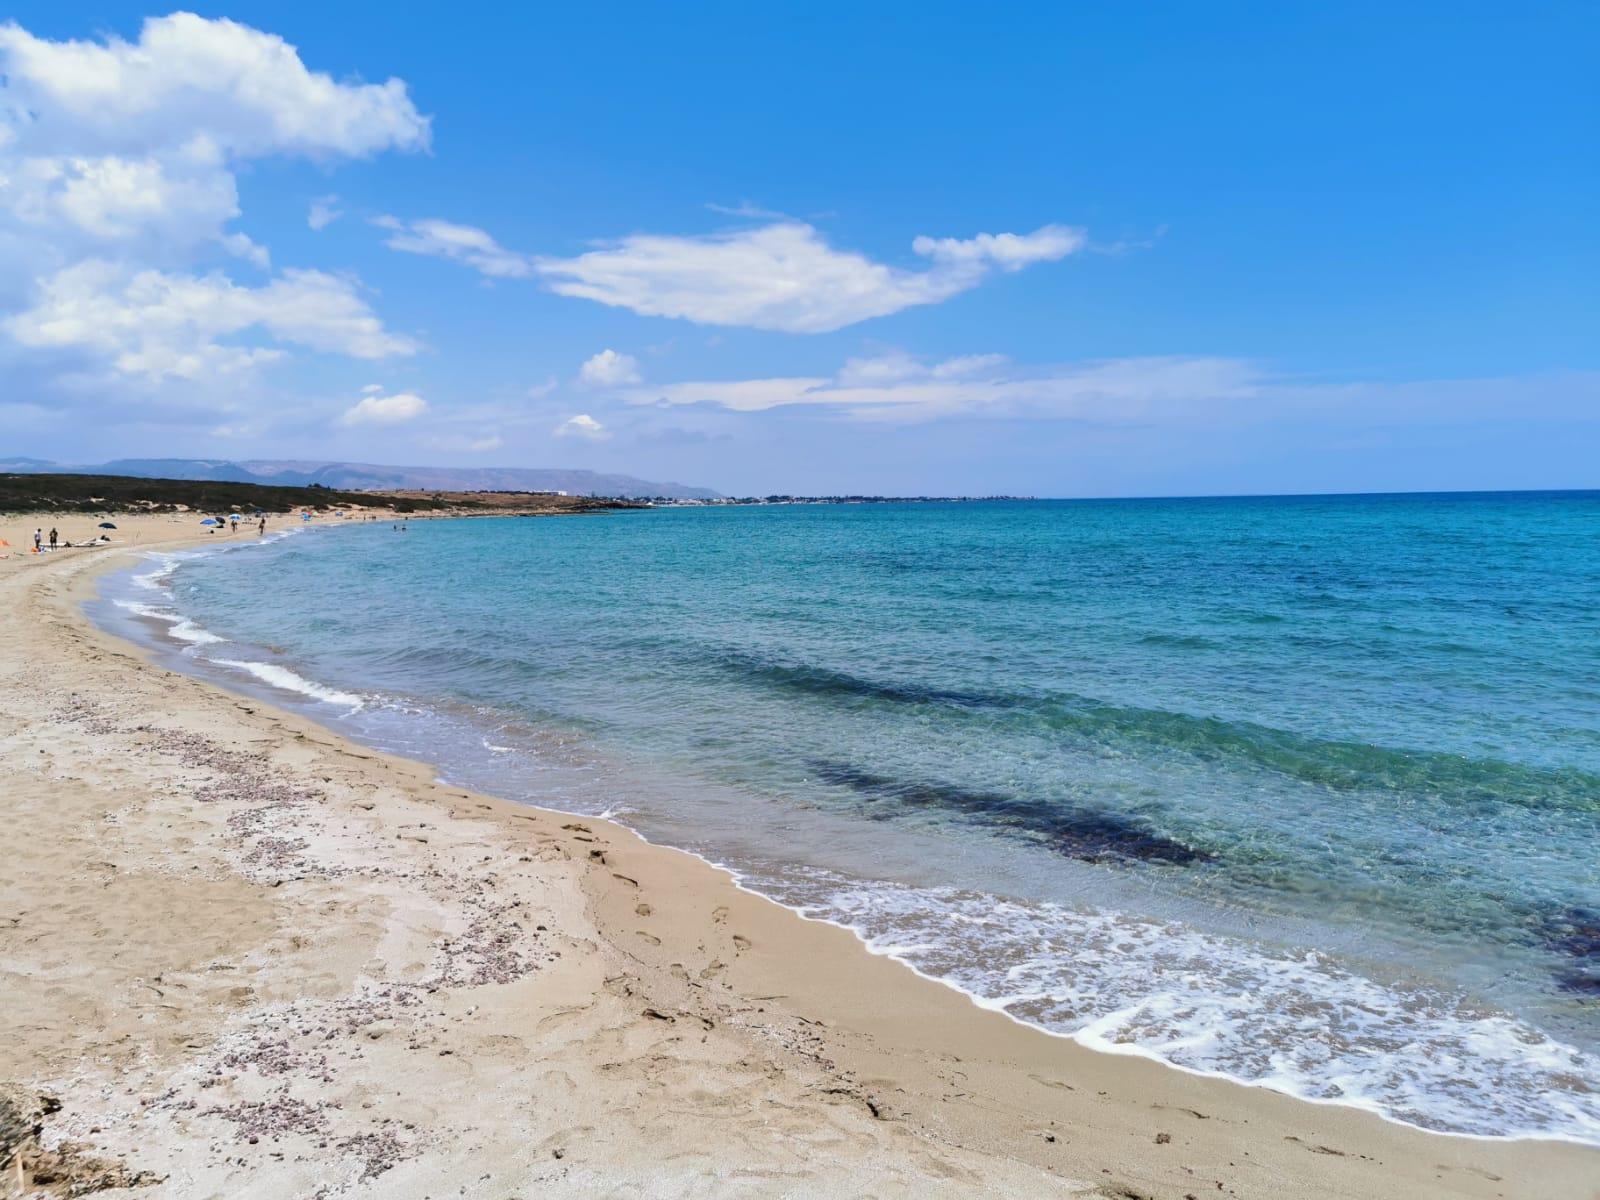 spiaggia e mare azzurro trasparente della sicilia